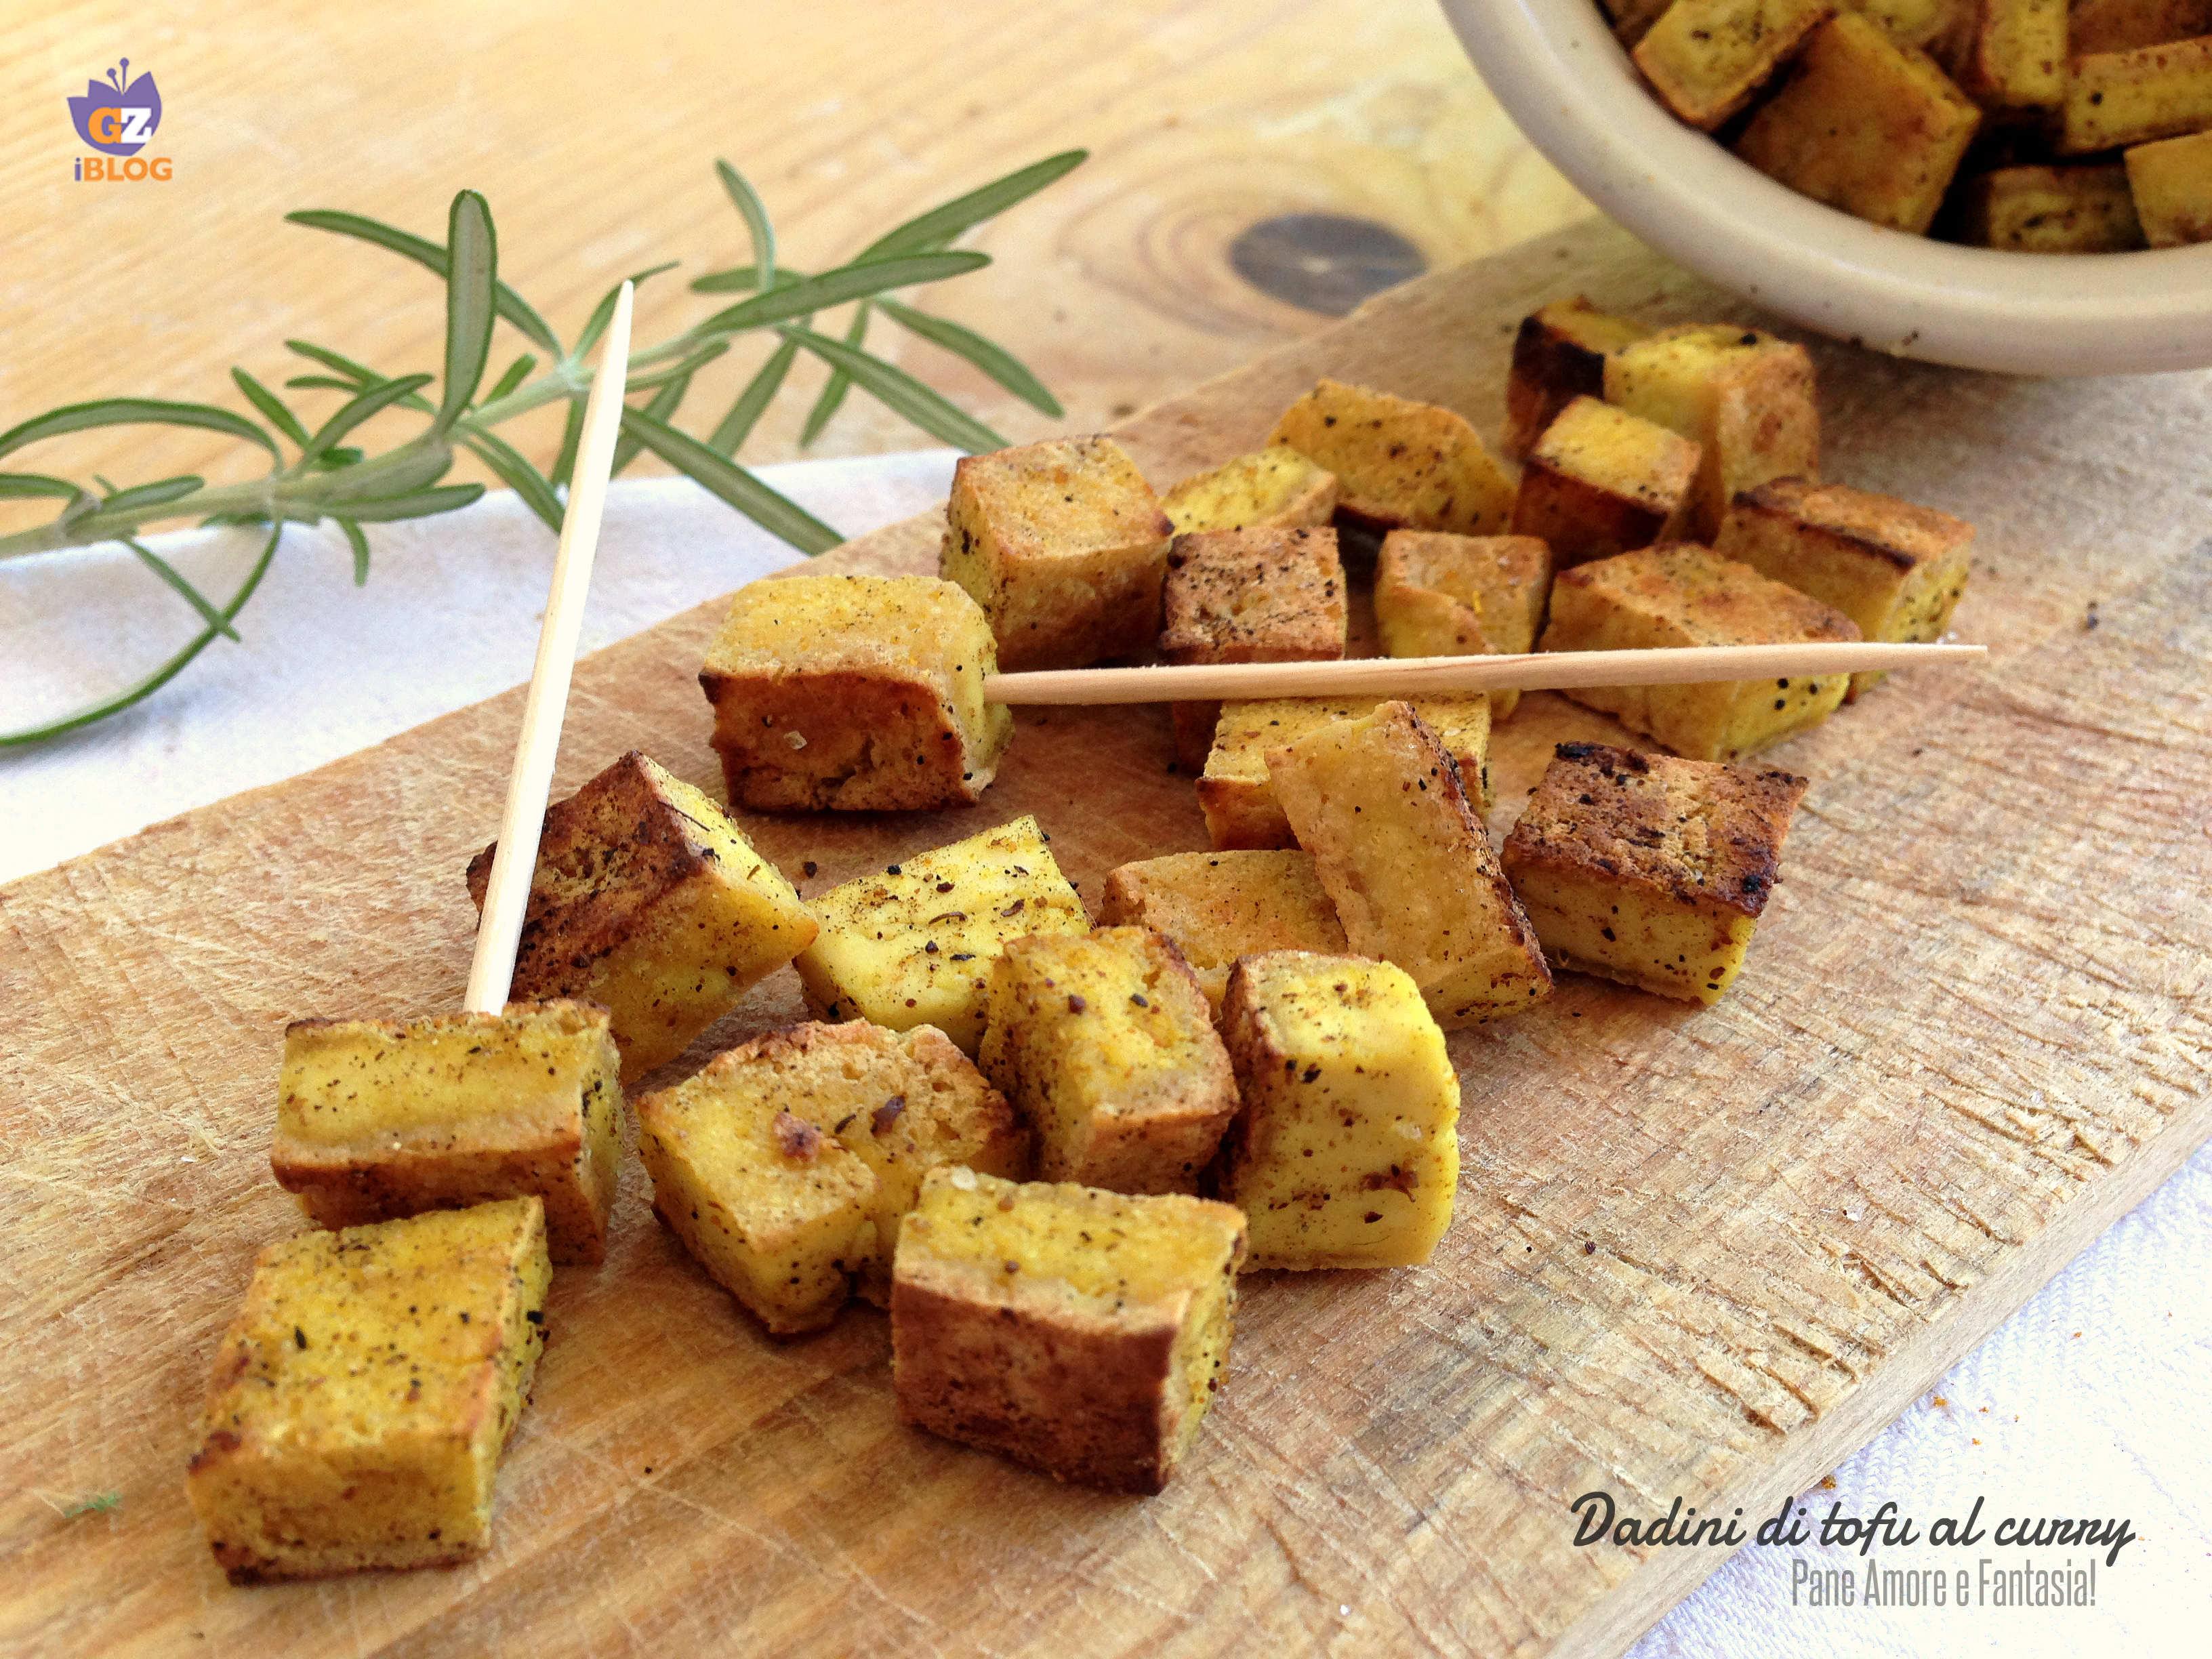 dadini di tofu al curry